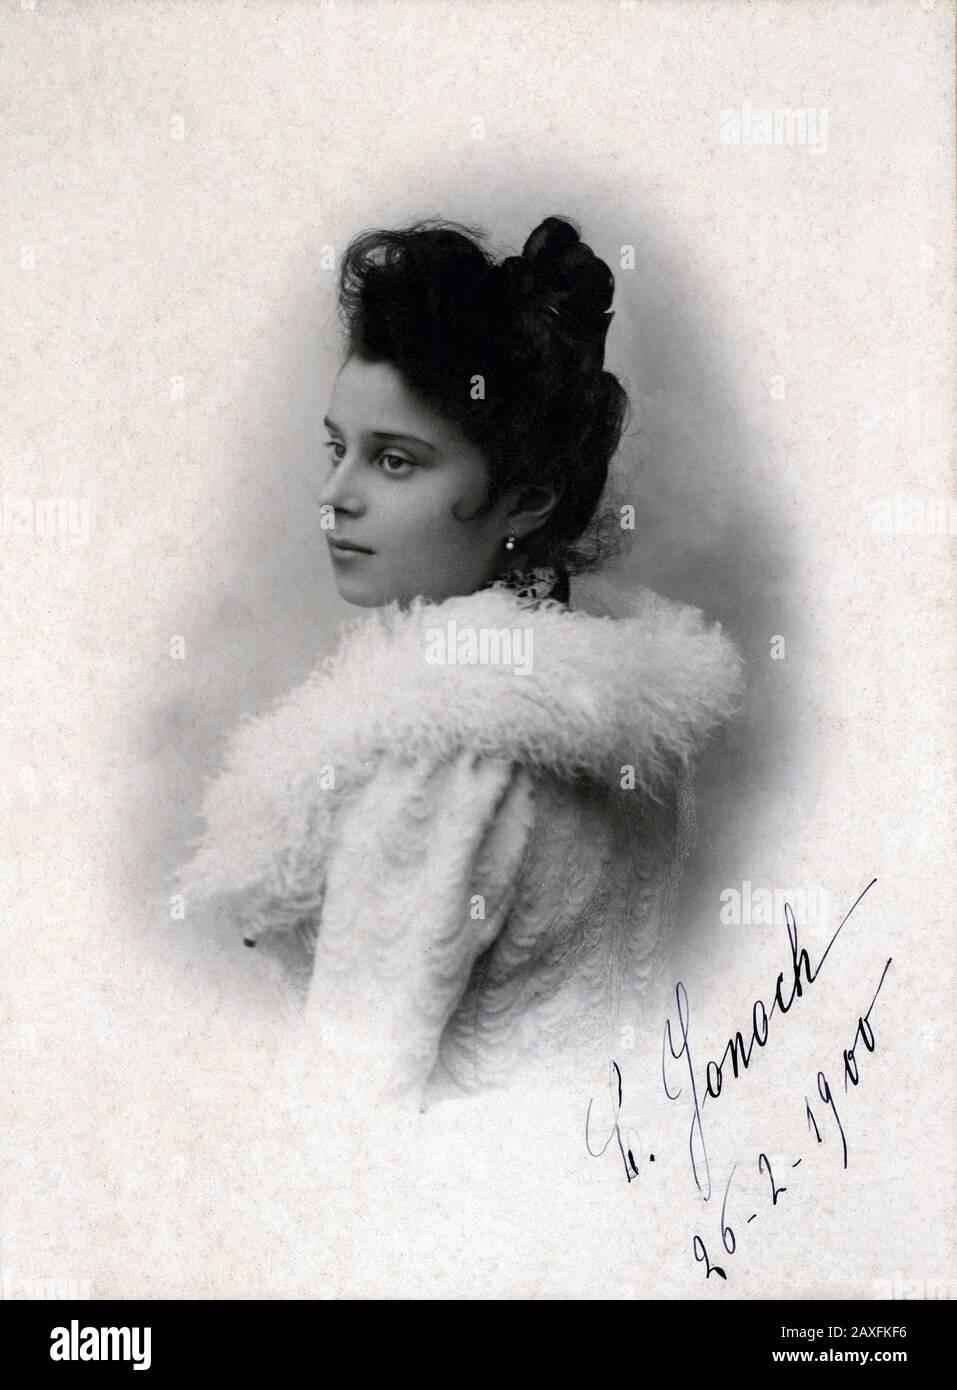 1900 , 26 de febrero , Vicenza , ITALIA : la noblewoman italiana C. JONOCH , foto de A. Bordigoni , Bassano del Grappa ( Vicenza ) - BELLE EPOQUE - ITALIA - NOBLEZA - NOBILI - NOBILTA' ITALIANA - FOTO STORICHE - FOTOS DE HISTORIA - collar - colletto - piel - pelliccia - buen tibetano - YAK - autografo - firma - firma - chignon - nobildonna - profilo - perfil - orecchino - Orecchini - ardops - perlas - perla - perle - vestido blanco - abito vestido bianco - MODA - MODA © Archivio GBB / Foto de stock